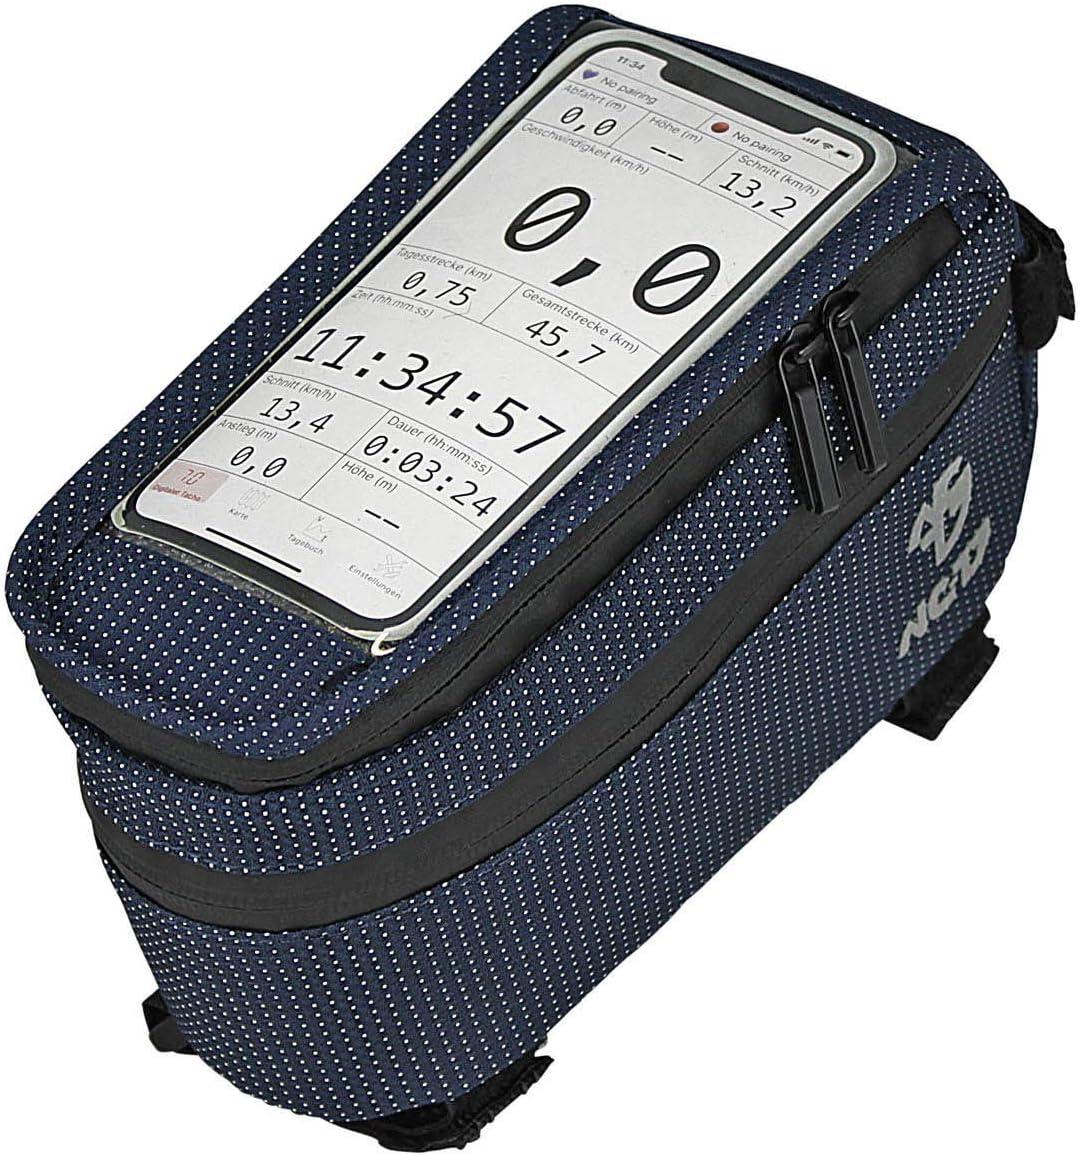 Nc 17 Connect Universal Xl Oberrohrtasche Dot Fahrrad Smartphonetasche Mit Klettverschluss Staufach Und Kabeldurchlass Für Smartphones Aller Gängigen Größen Bekleidung